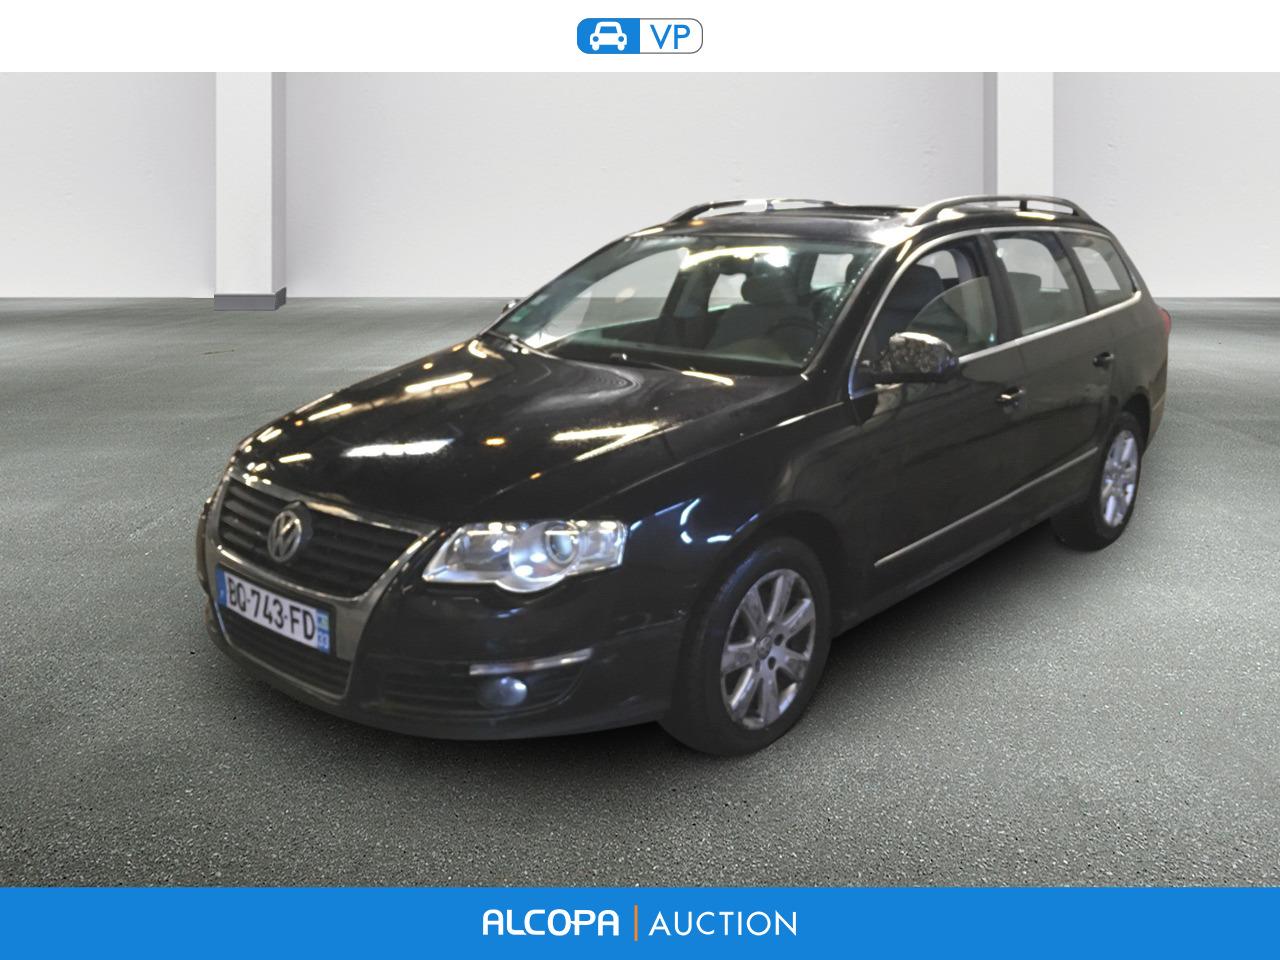 Volkswagen Passat Sw 09 2005 10 2010 Passat Sw 2 0 16s Tdi 140 Alcopa Auction